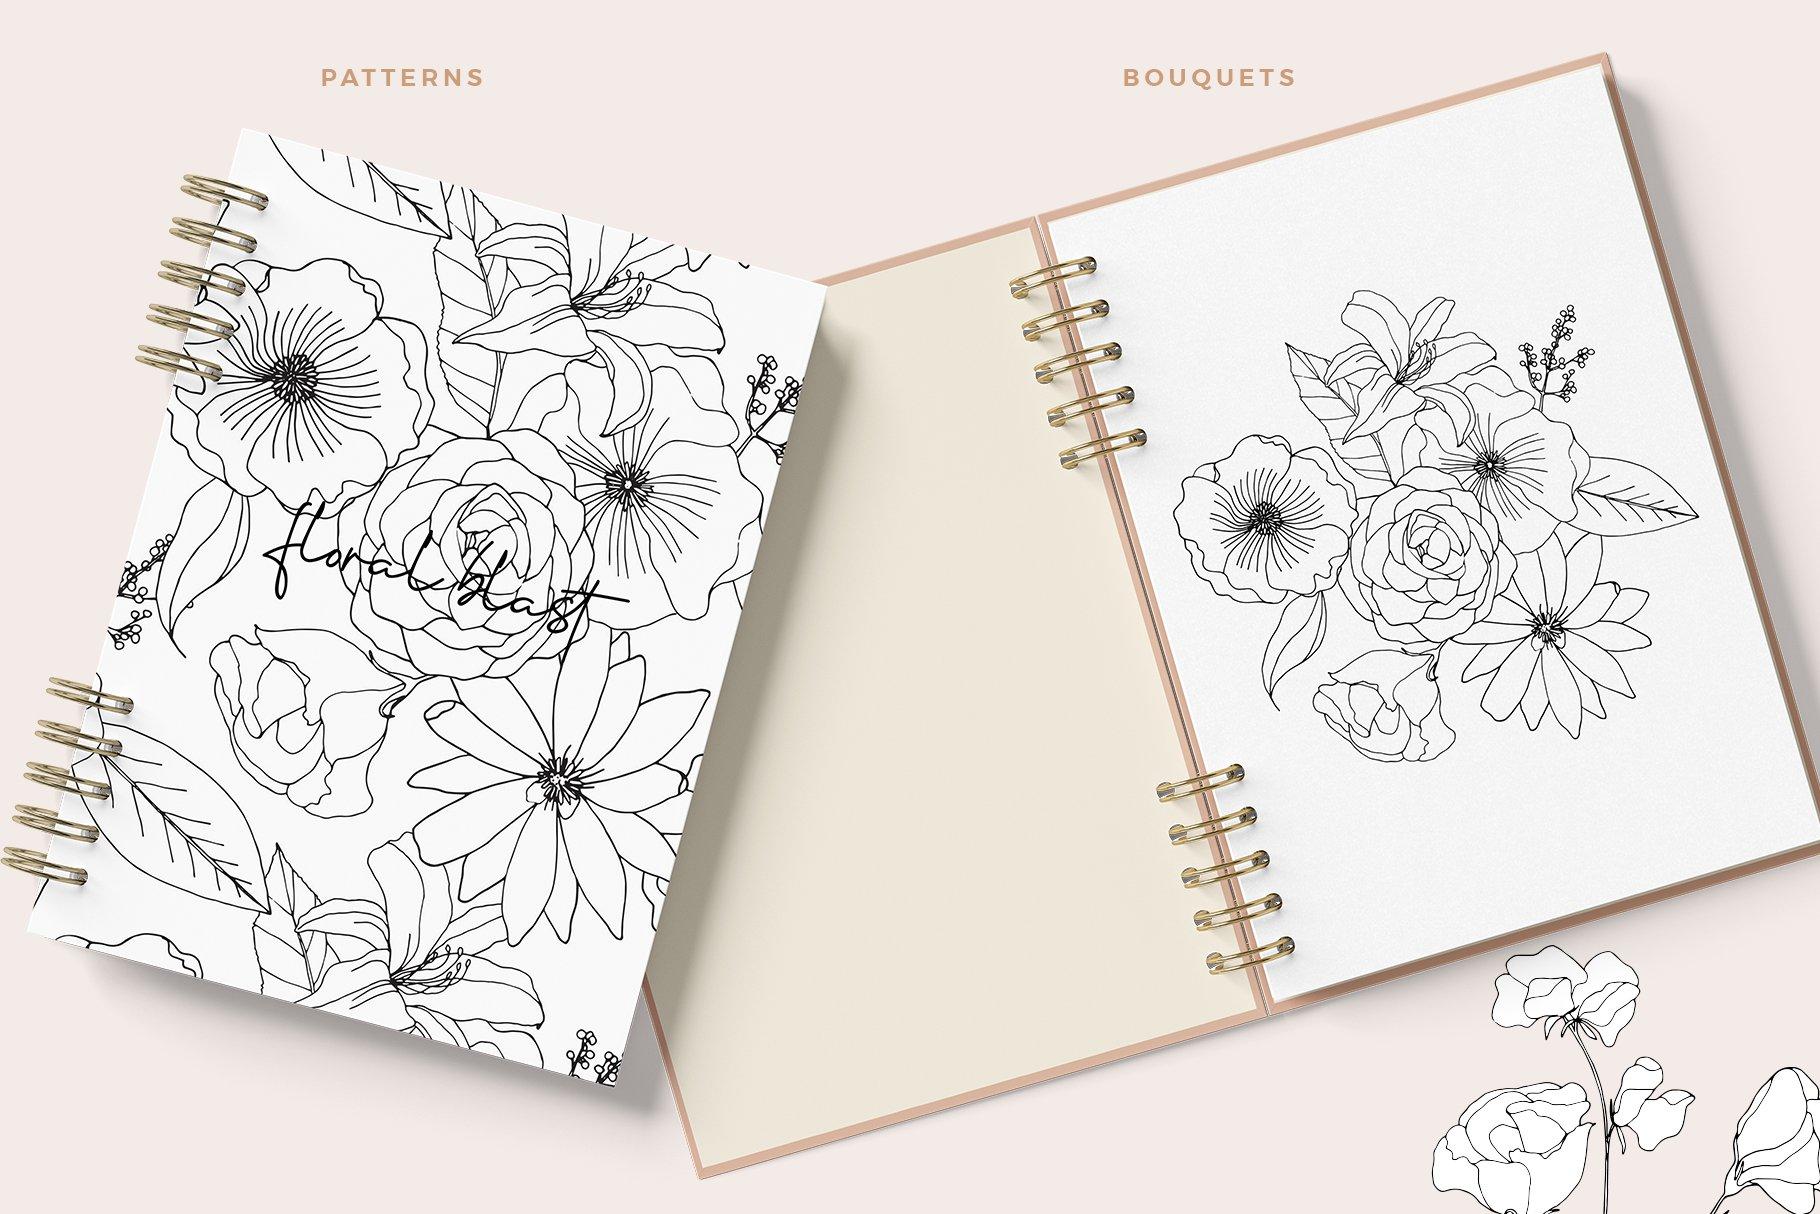 精美手绘花卉花朵无缝隙矢量线稿图案素材 Floral Blast Patterns And Bouquets插图(4)